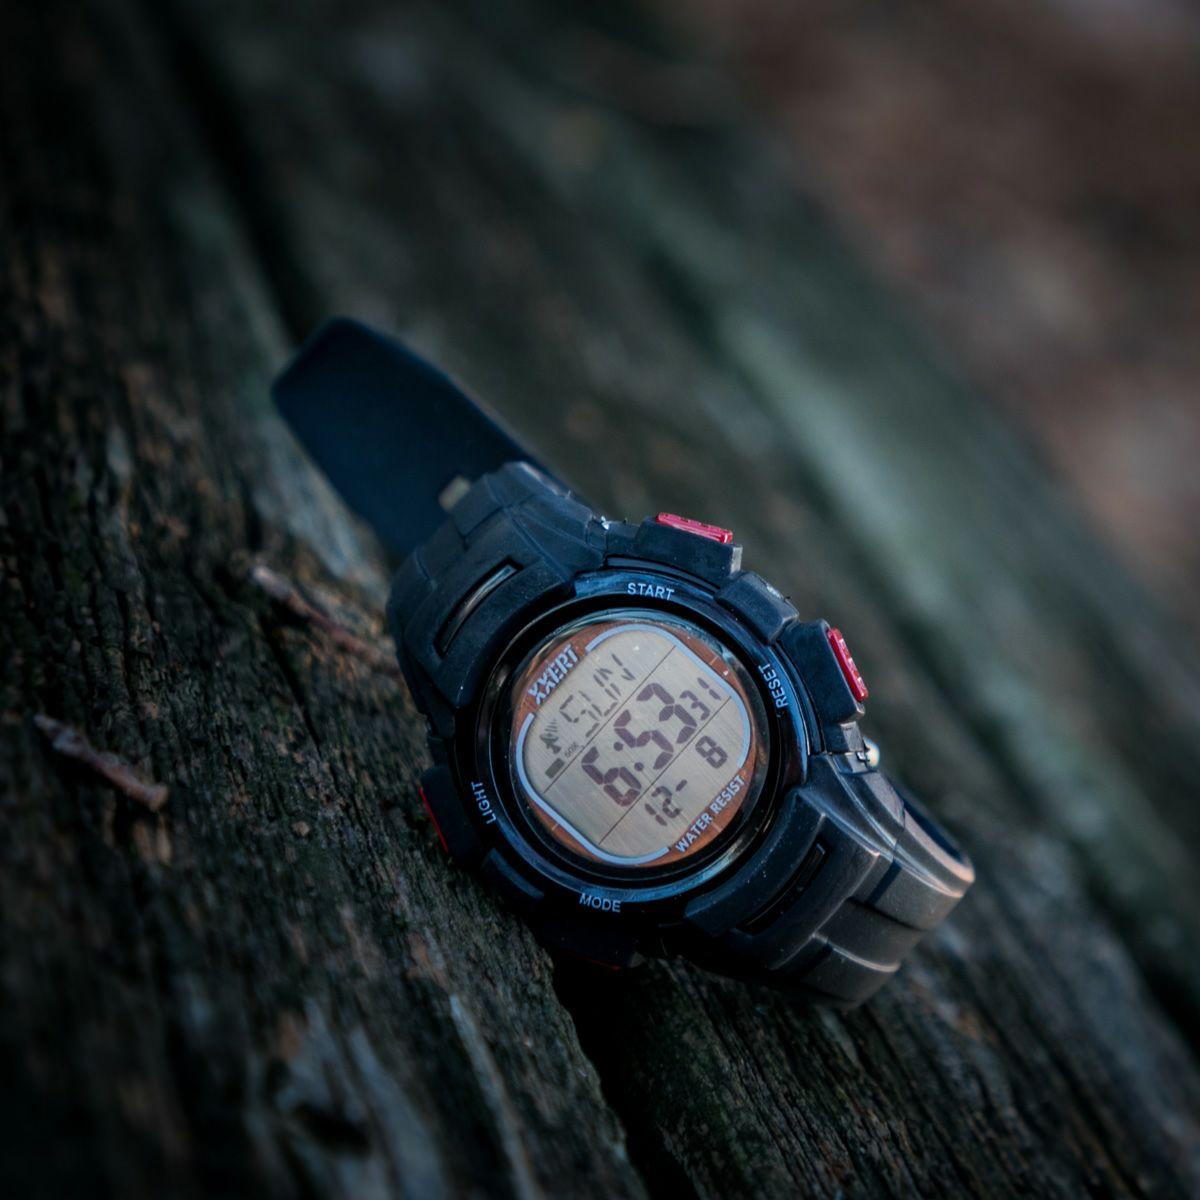 ≪メーカー直販≫ XXERT(エグザート) 腕時計 電波時計 ソーラー ウォッチ 10気圧防水 カレンダー アウトドア ビジネス 部活 入学 卒業 お祝い プレゼント 小学生 XXW-503 ブラック 1本